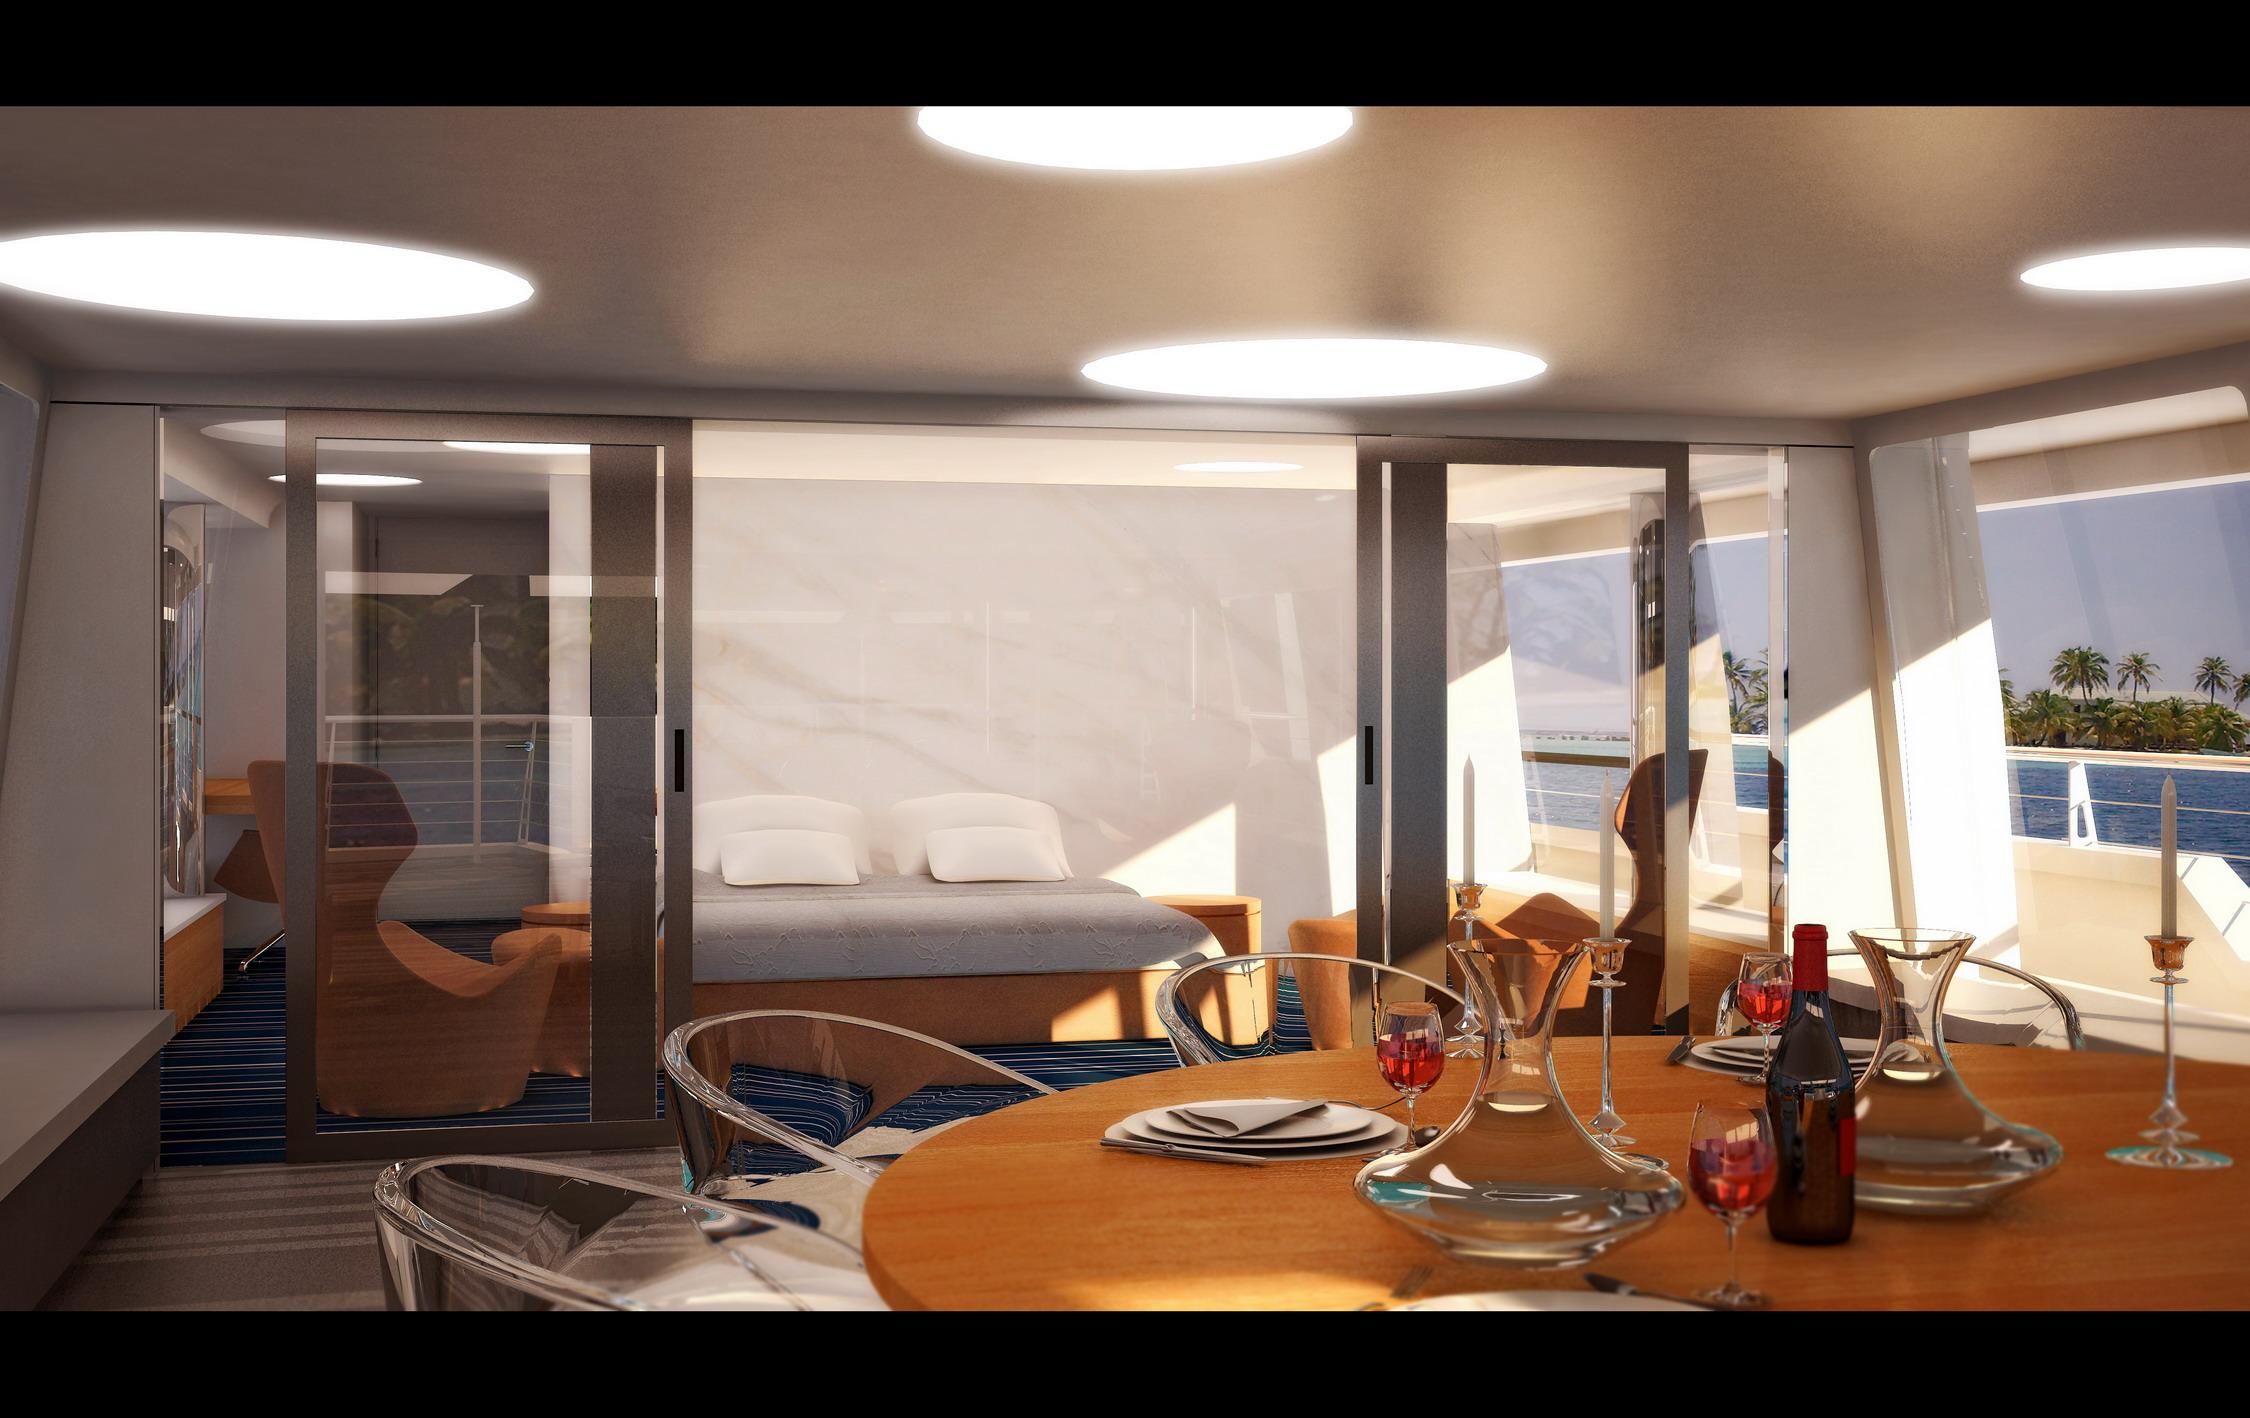 yacht bedroom rendering